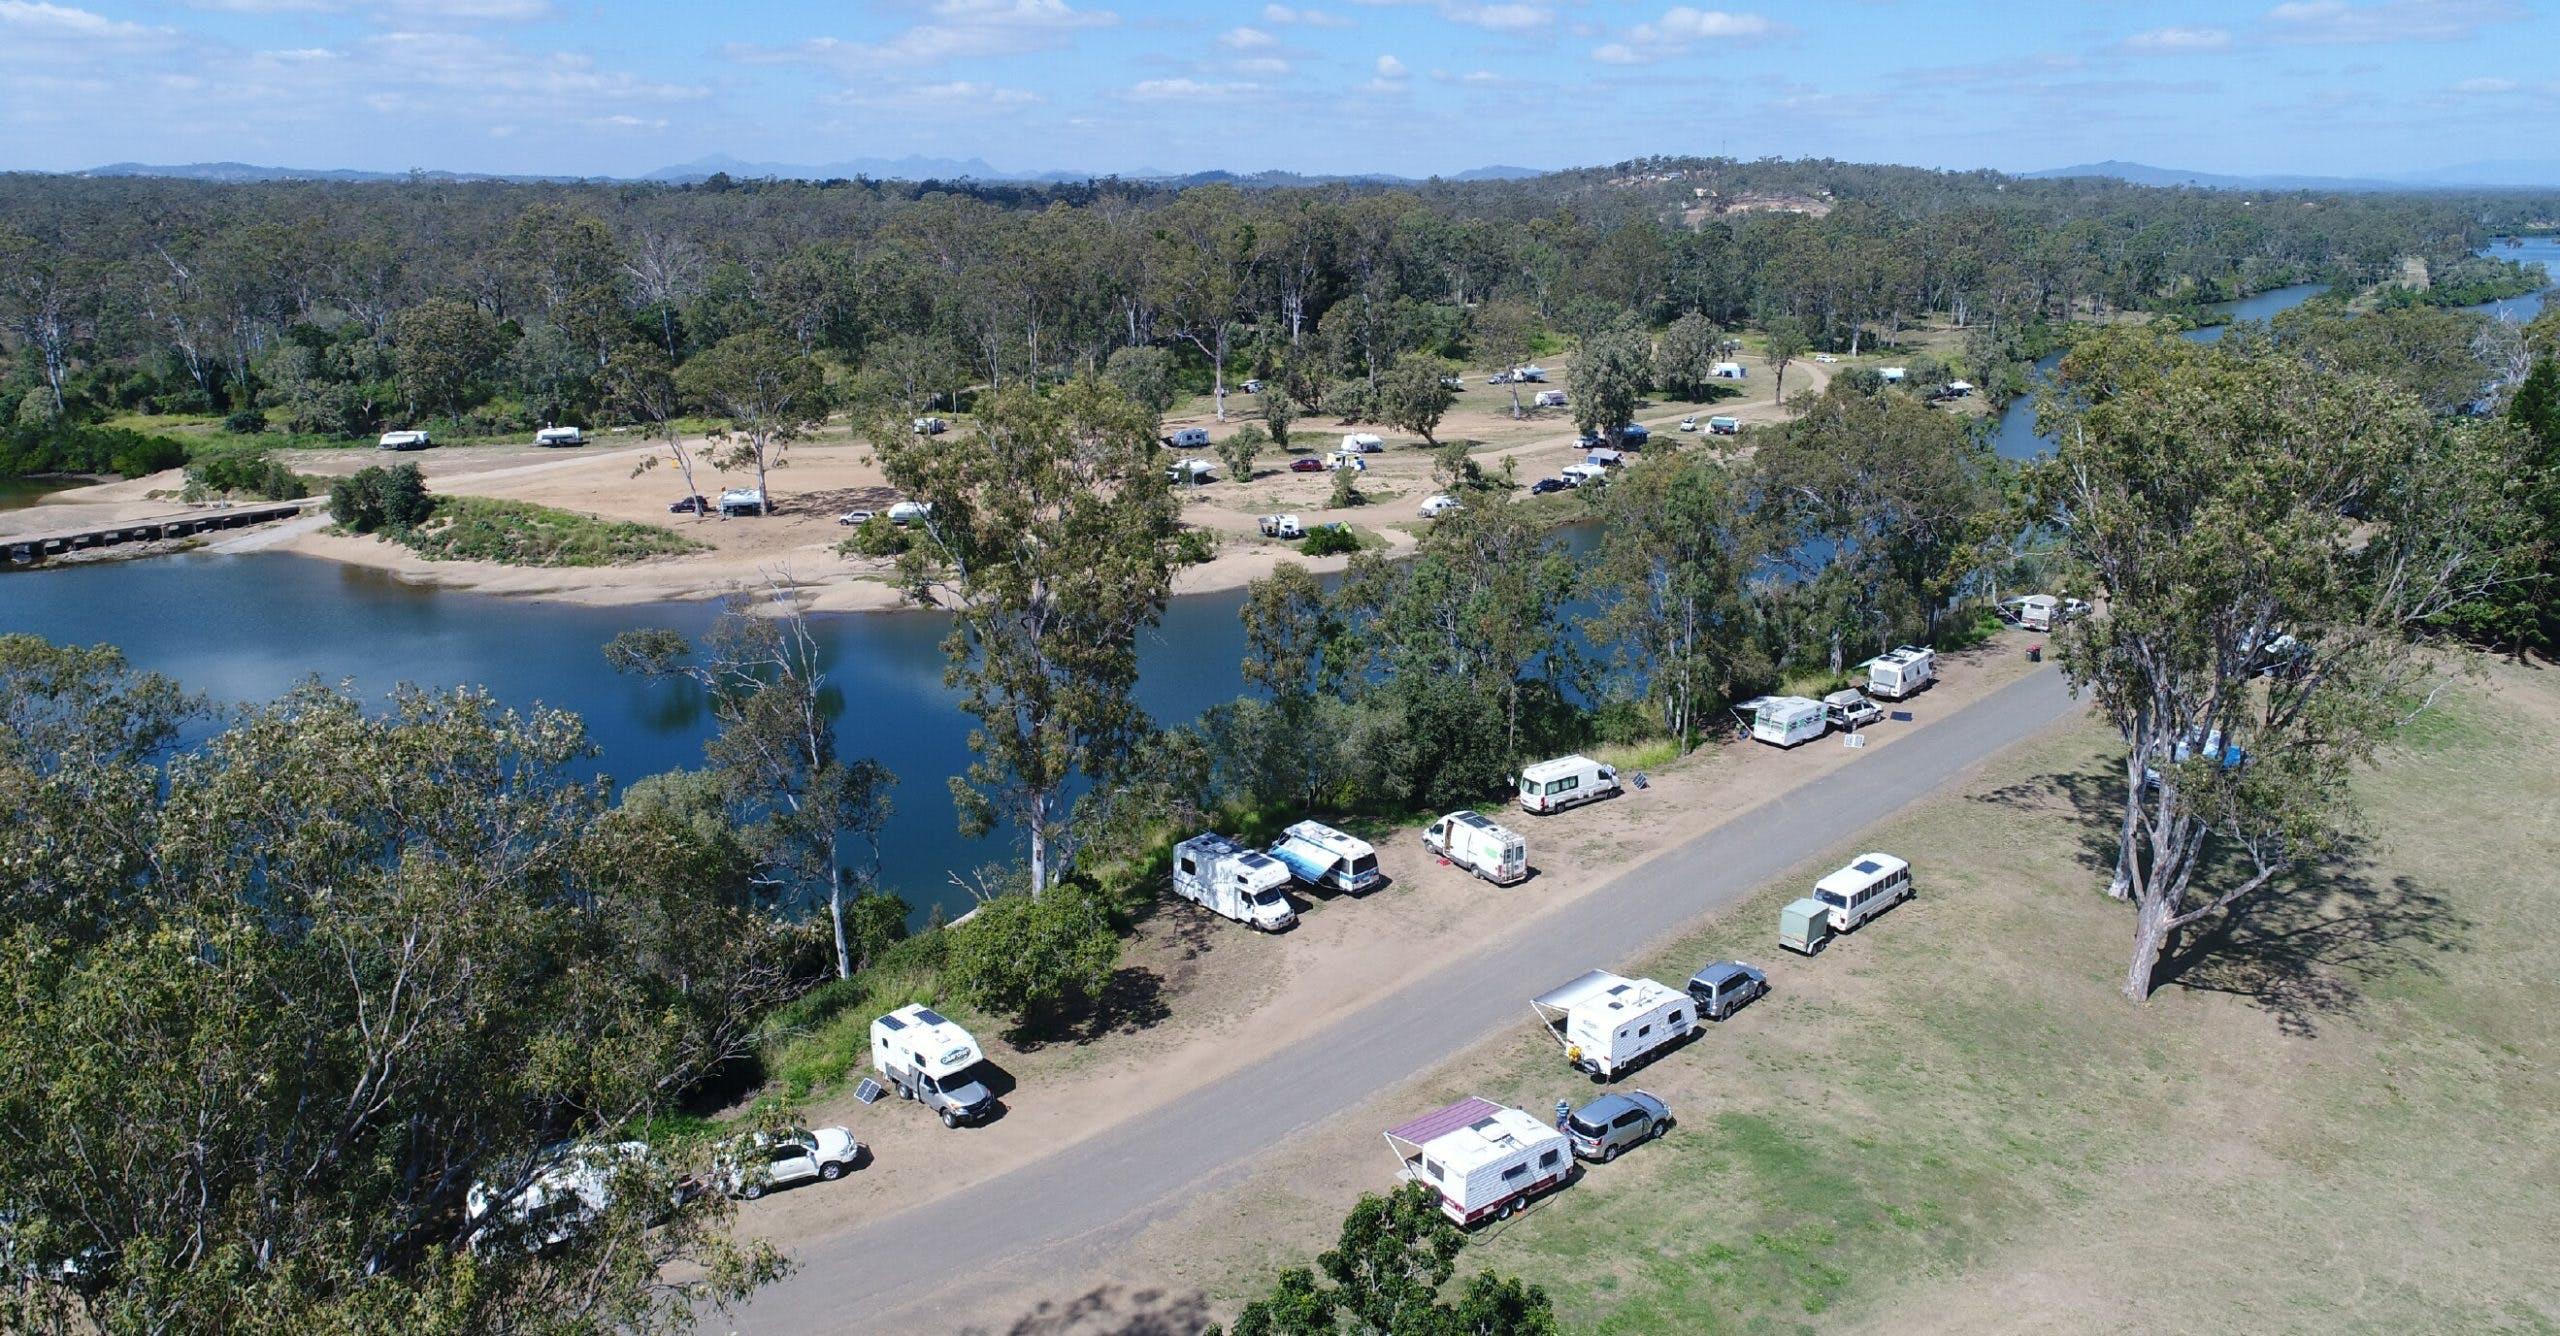 Qld 108 Calliope River (drone)